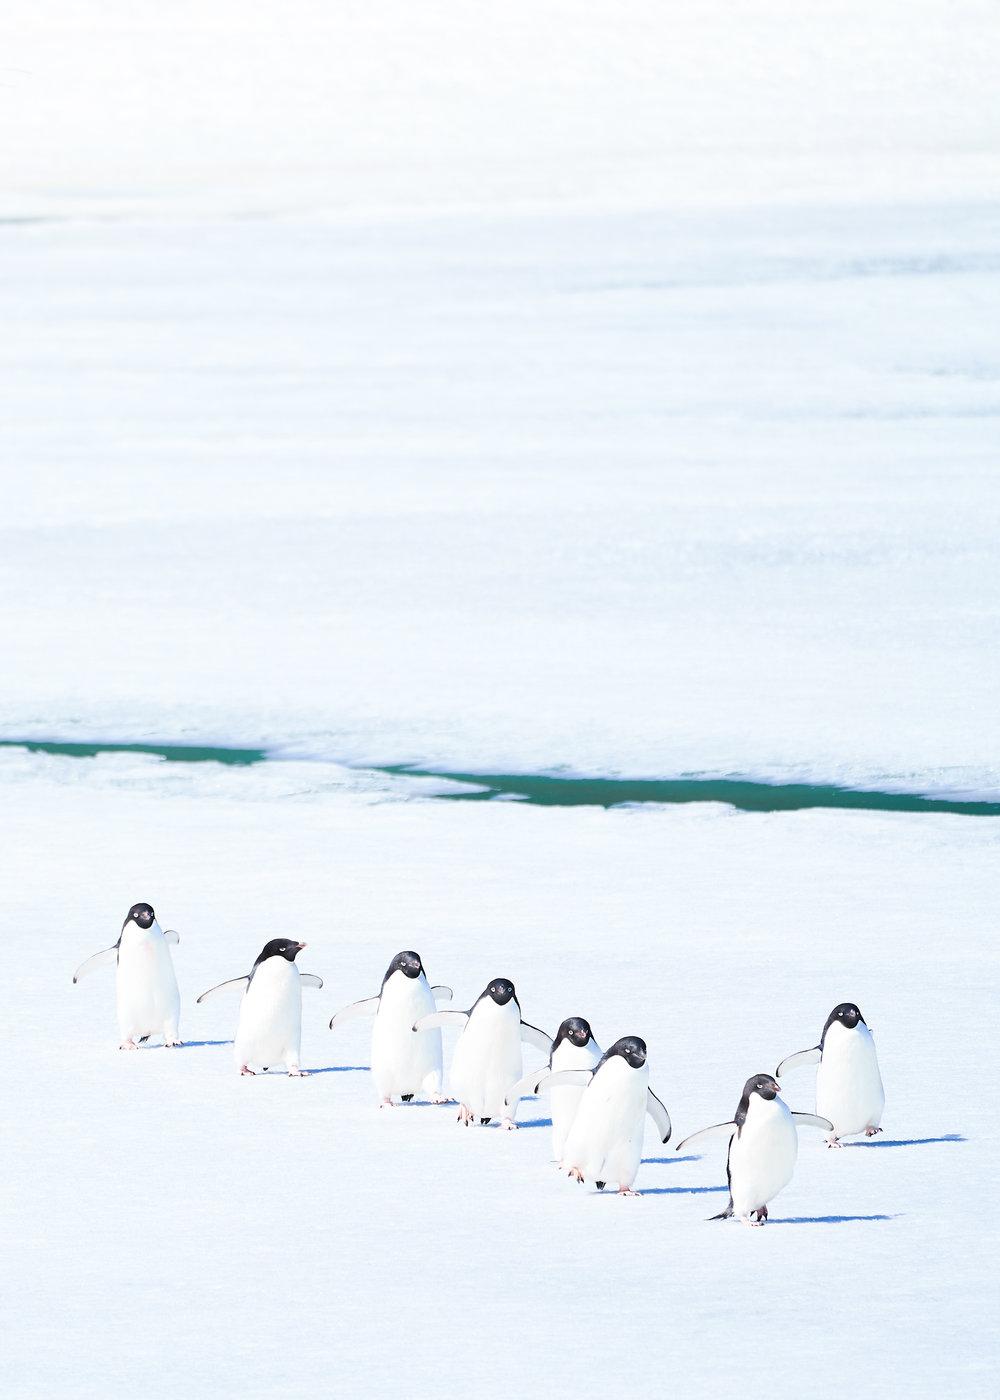 cotsen-antarctica-2018--14.jpg